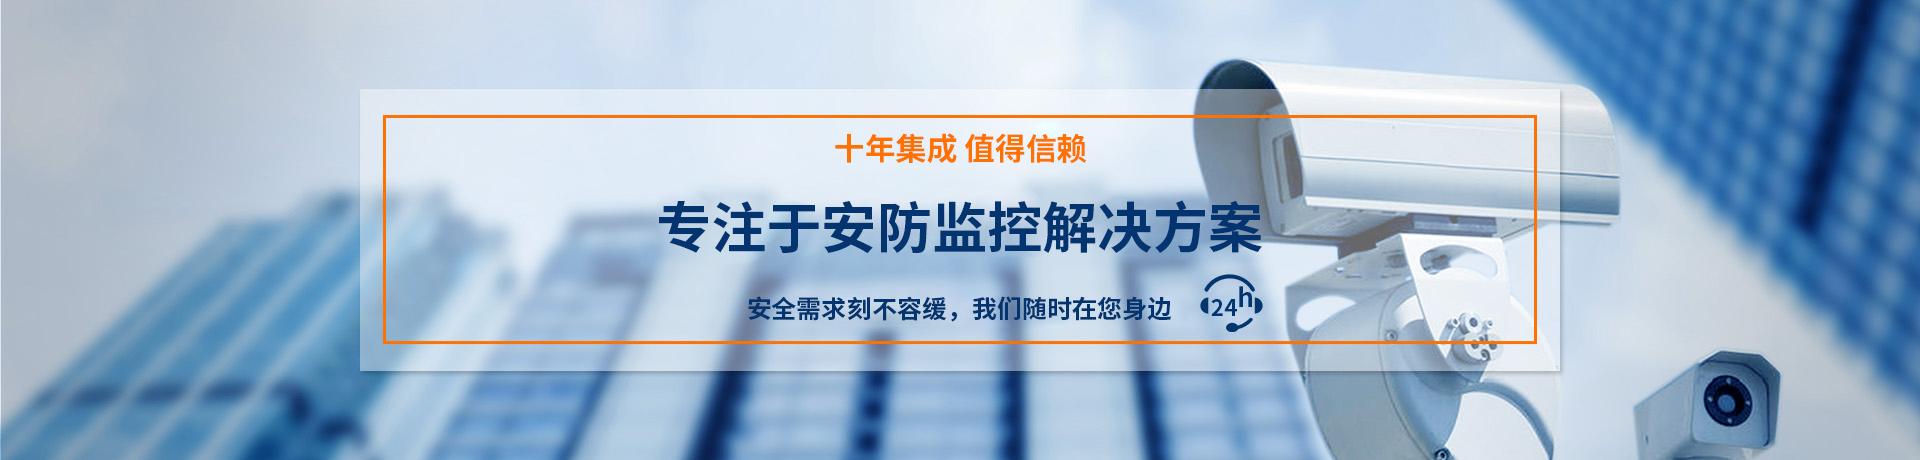 重庆体育万博app下载公司